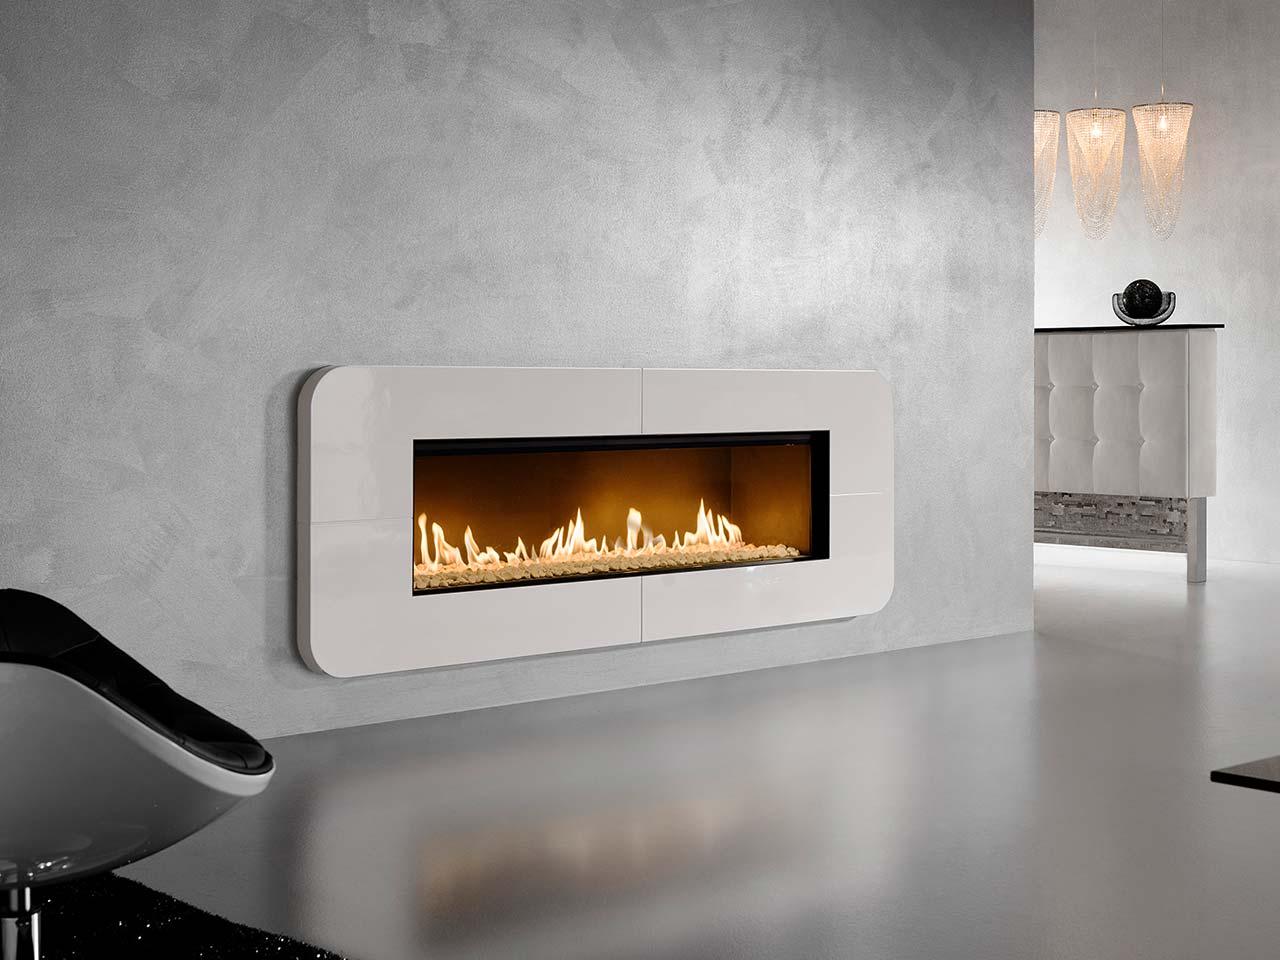 Moderner Design-Panorama-Kachelofen mit hellen hochglänzenden Ofenkacheln. Foto: Sommerhuber